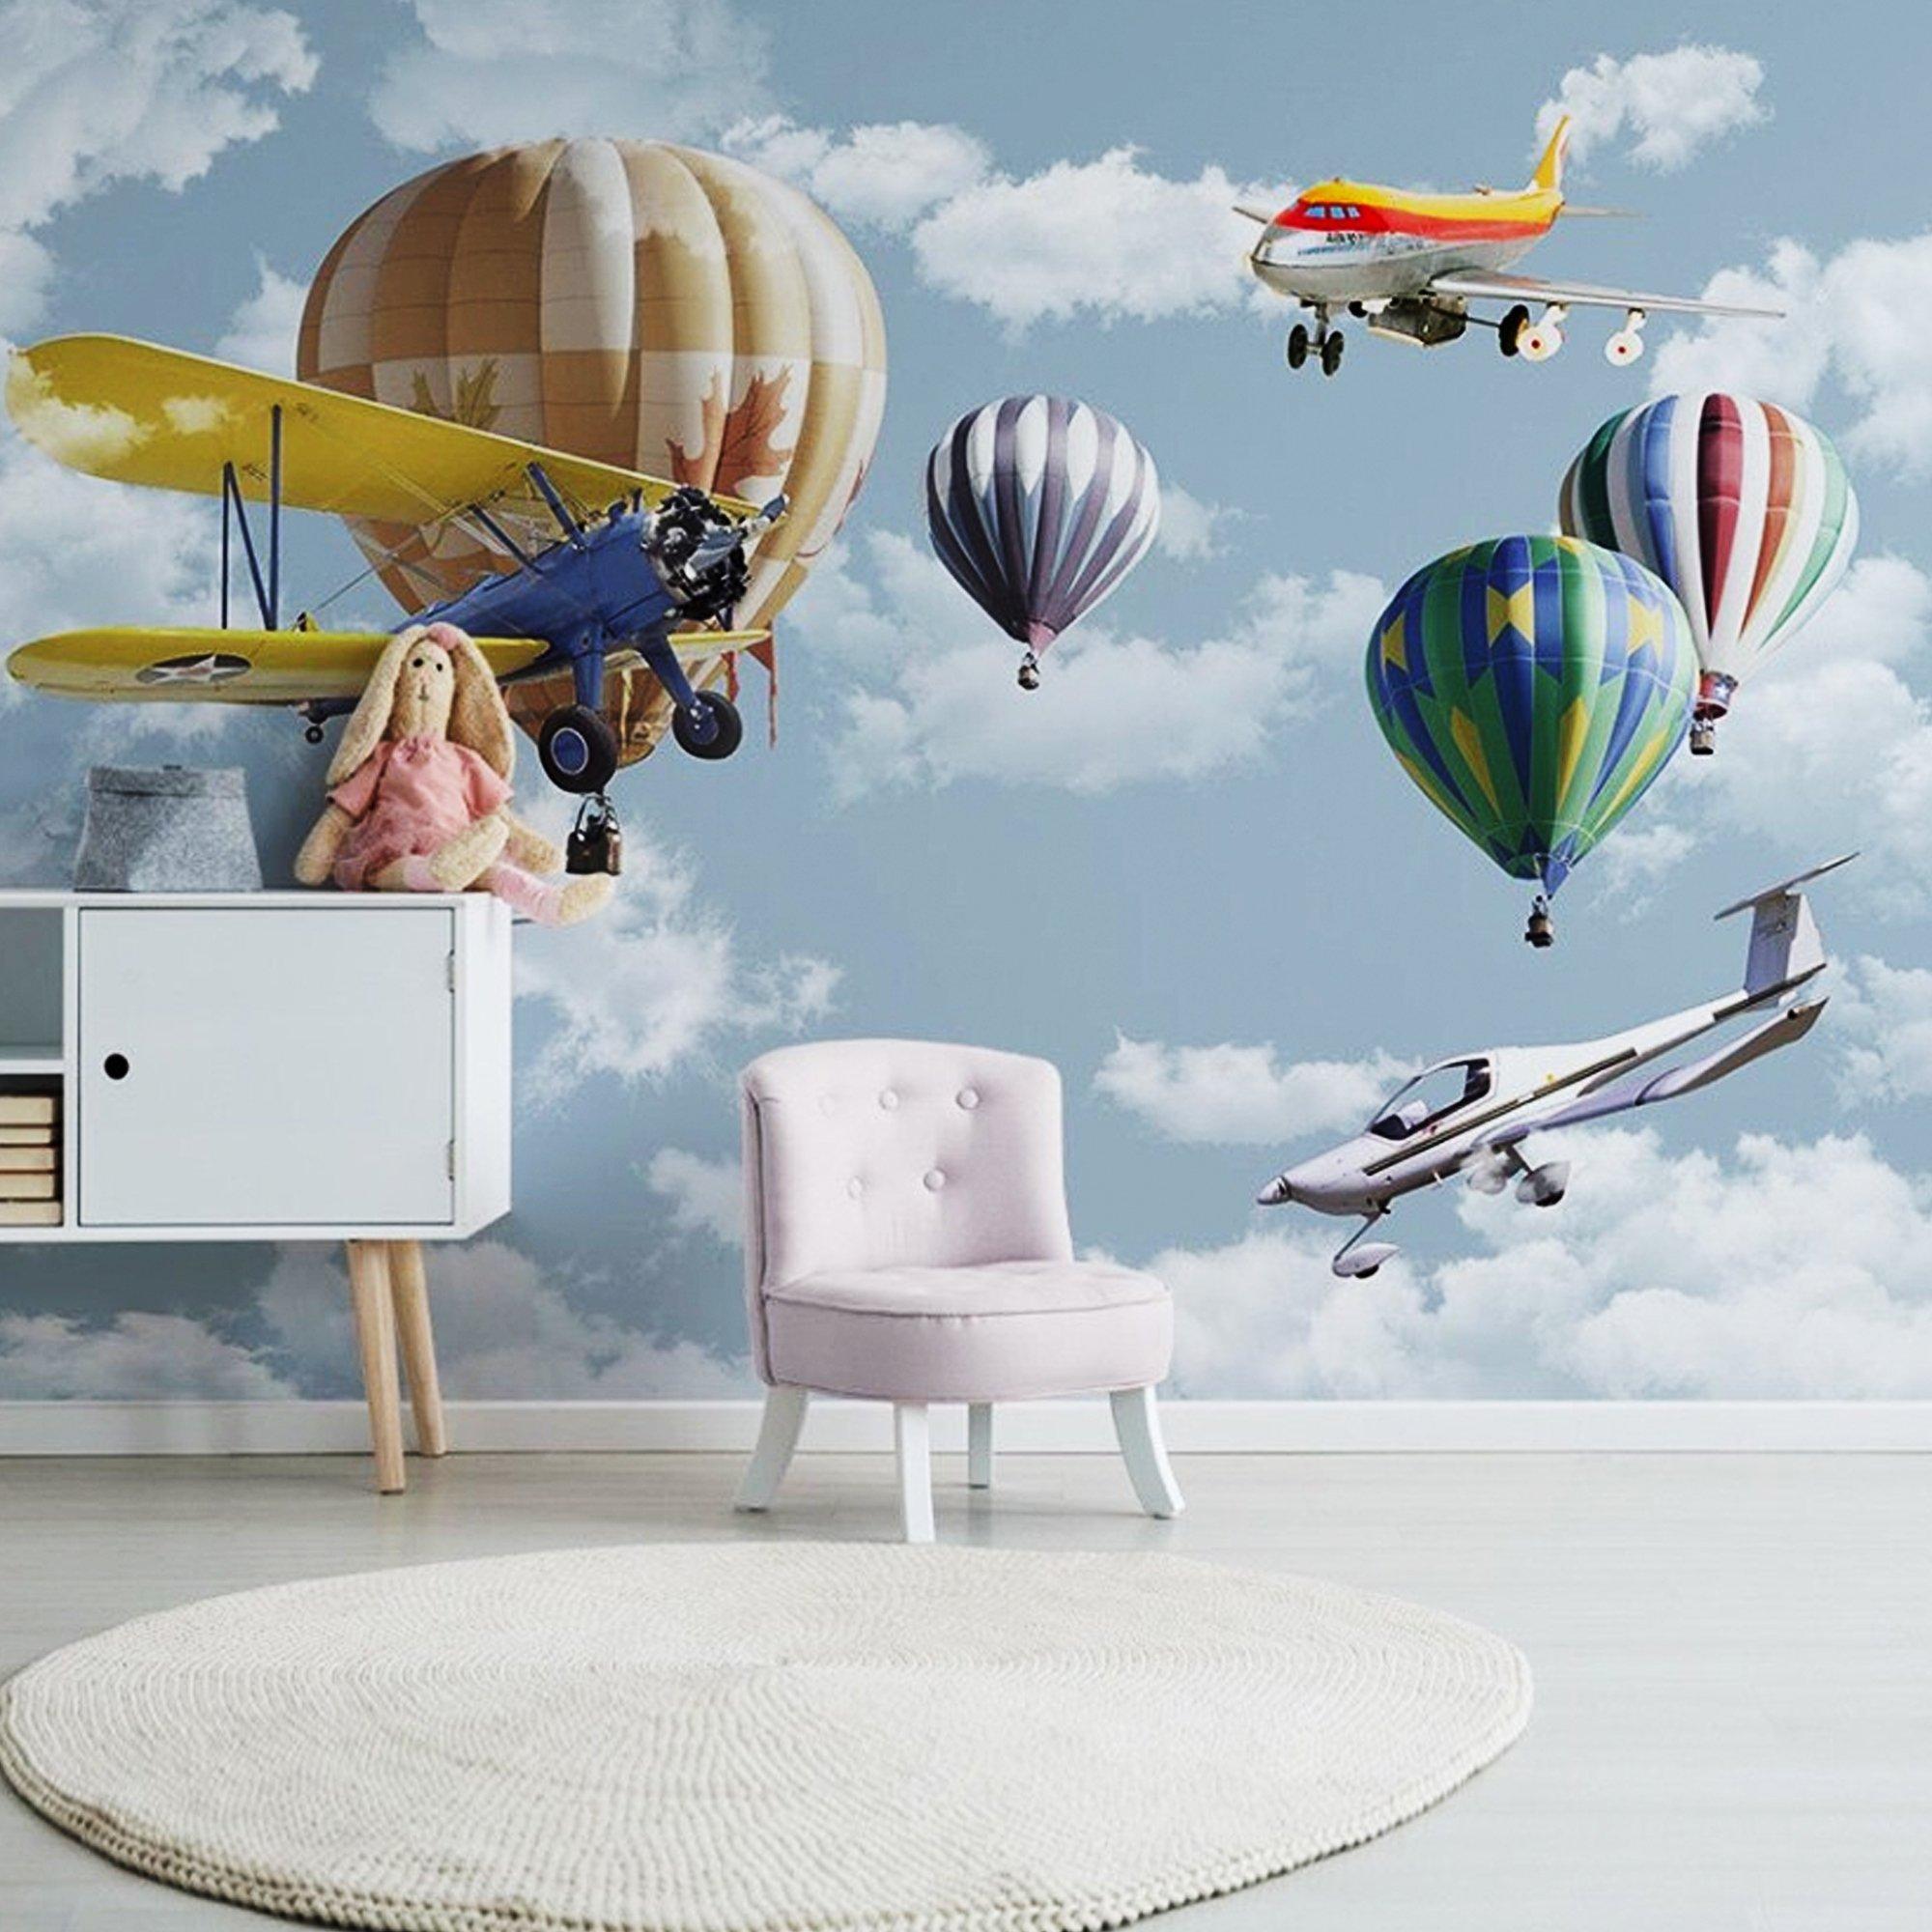 Tranh dán tường máy bay và khinh khí cầu